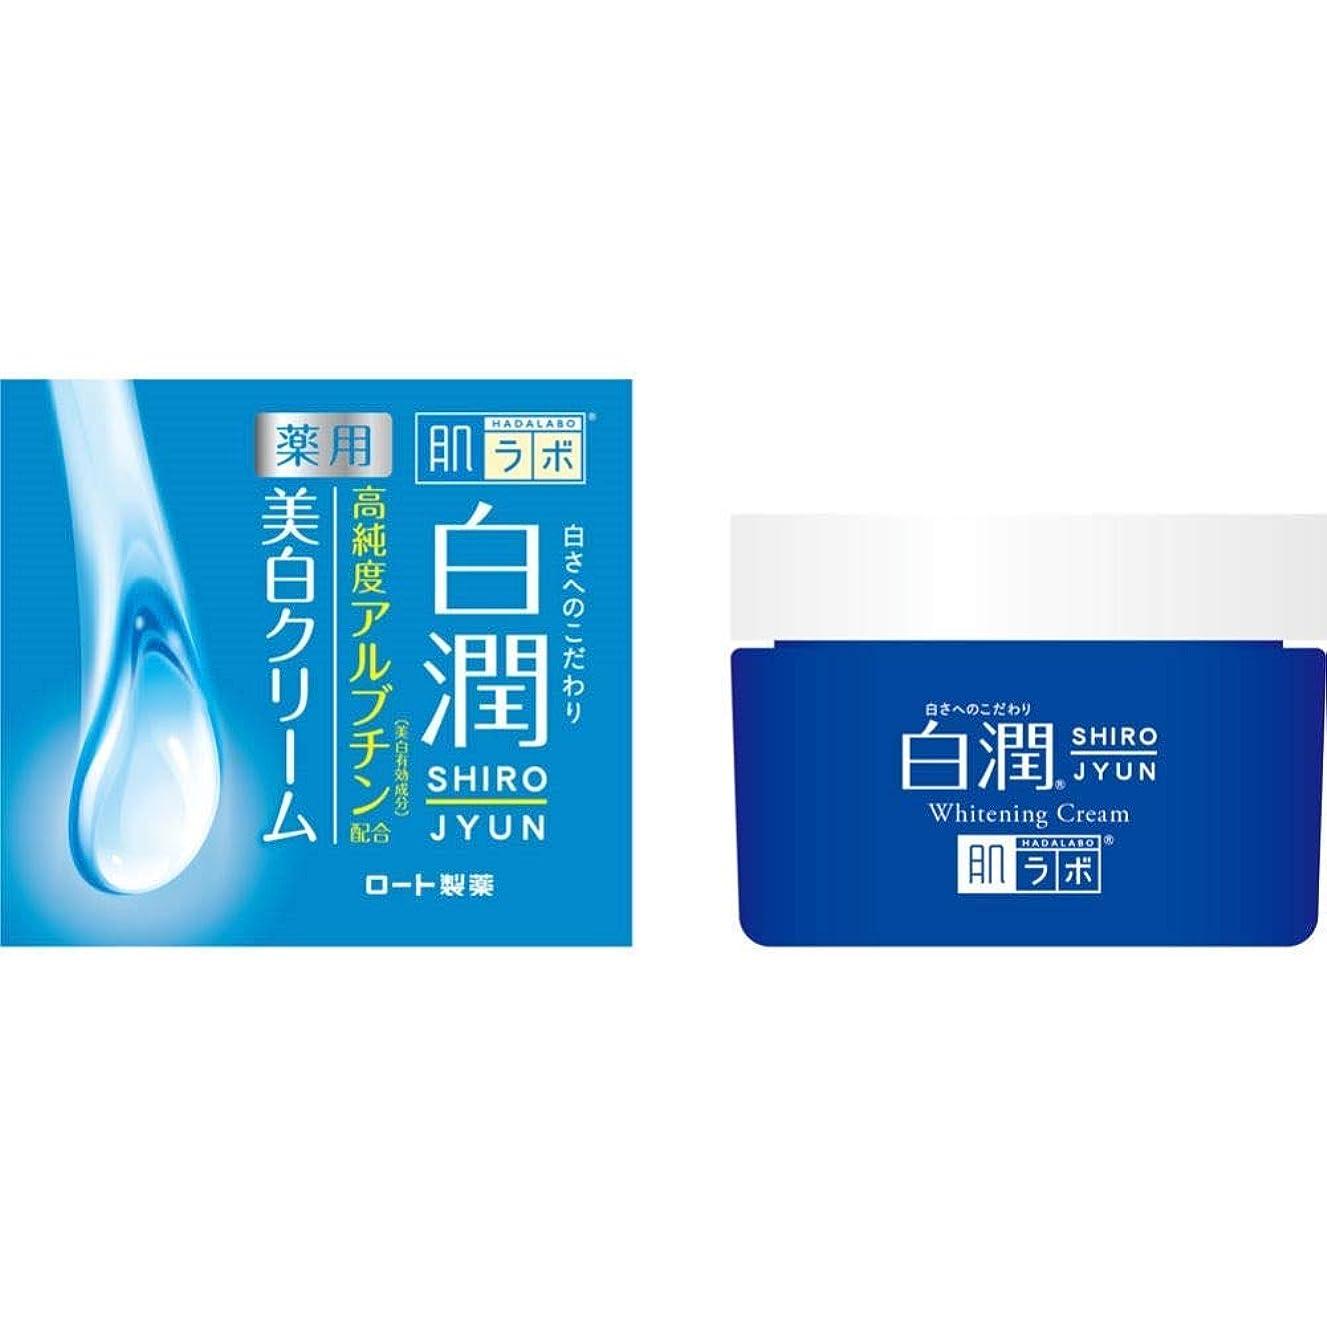 汚染された膨らませるタヒチ【ロート製薬】肌研 白潤薬用美白クリーム 50g(医薬部外品) ×3個セット